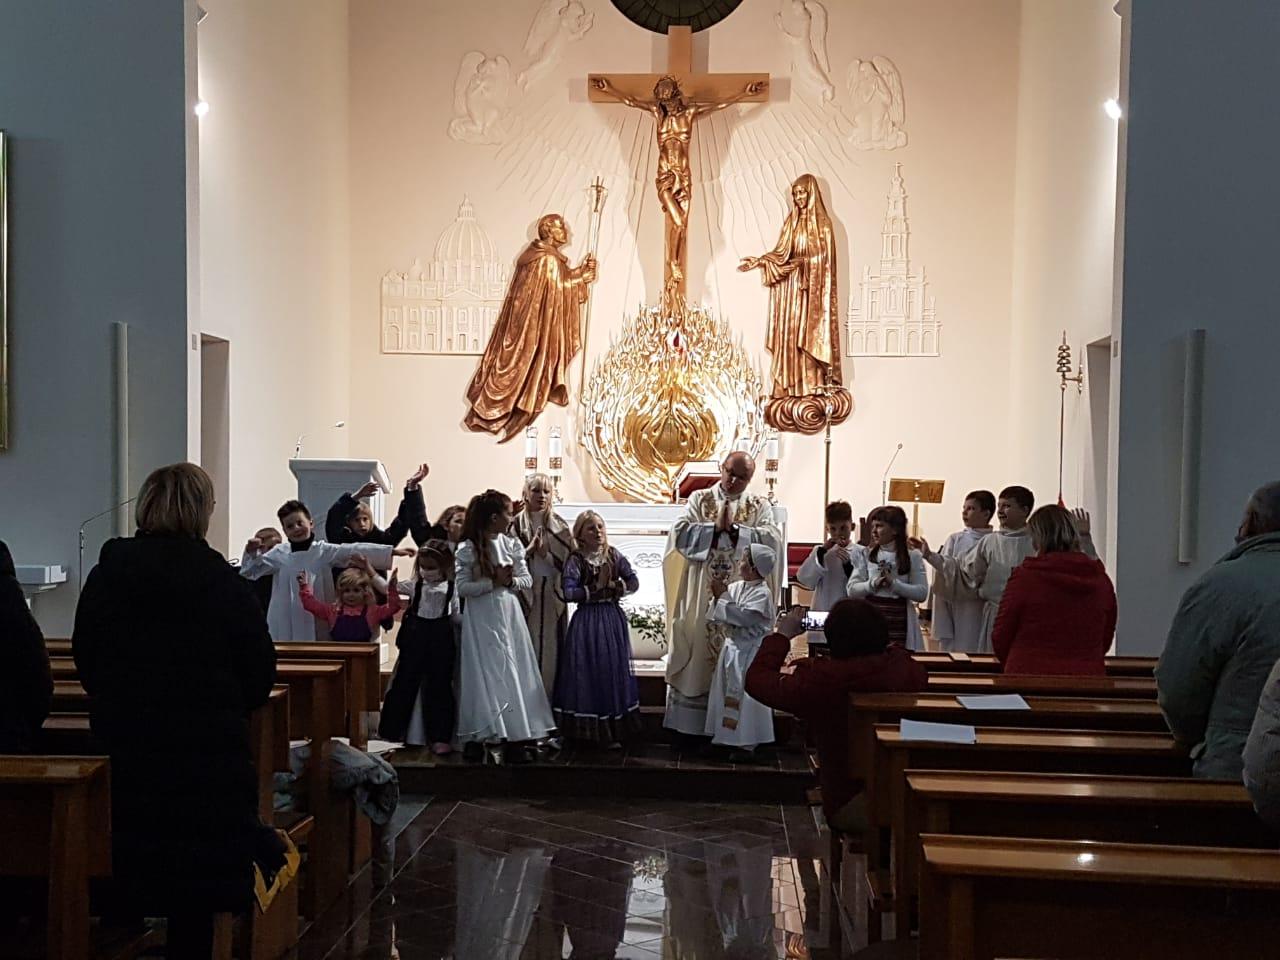 Концерти на честь Христа Царя і 100-річчя від дня народження св. Йоана Павла ІІ